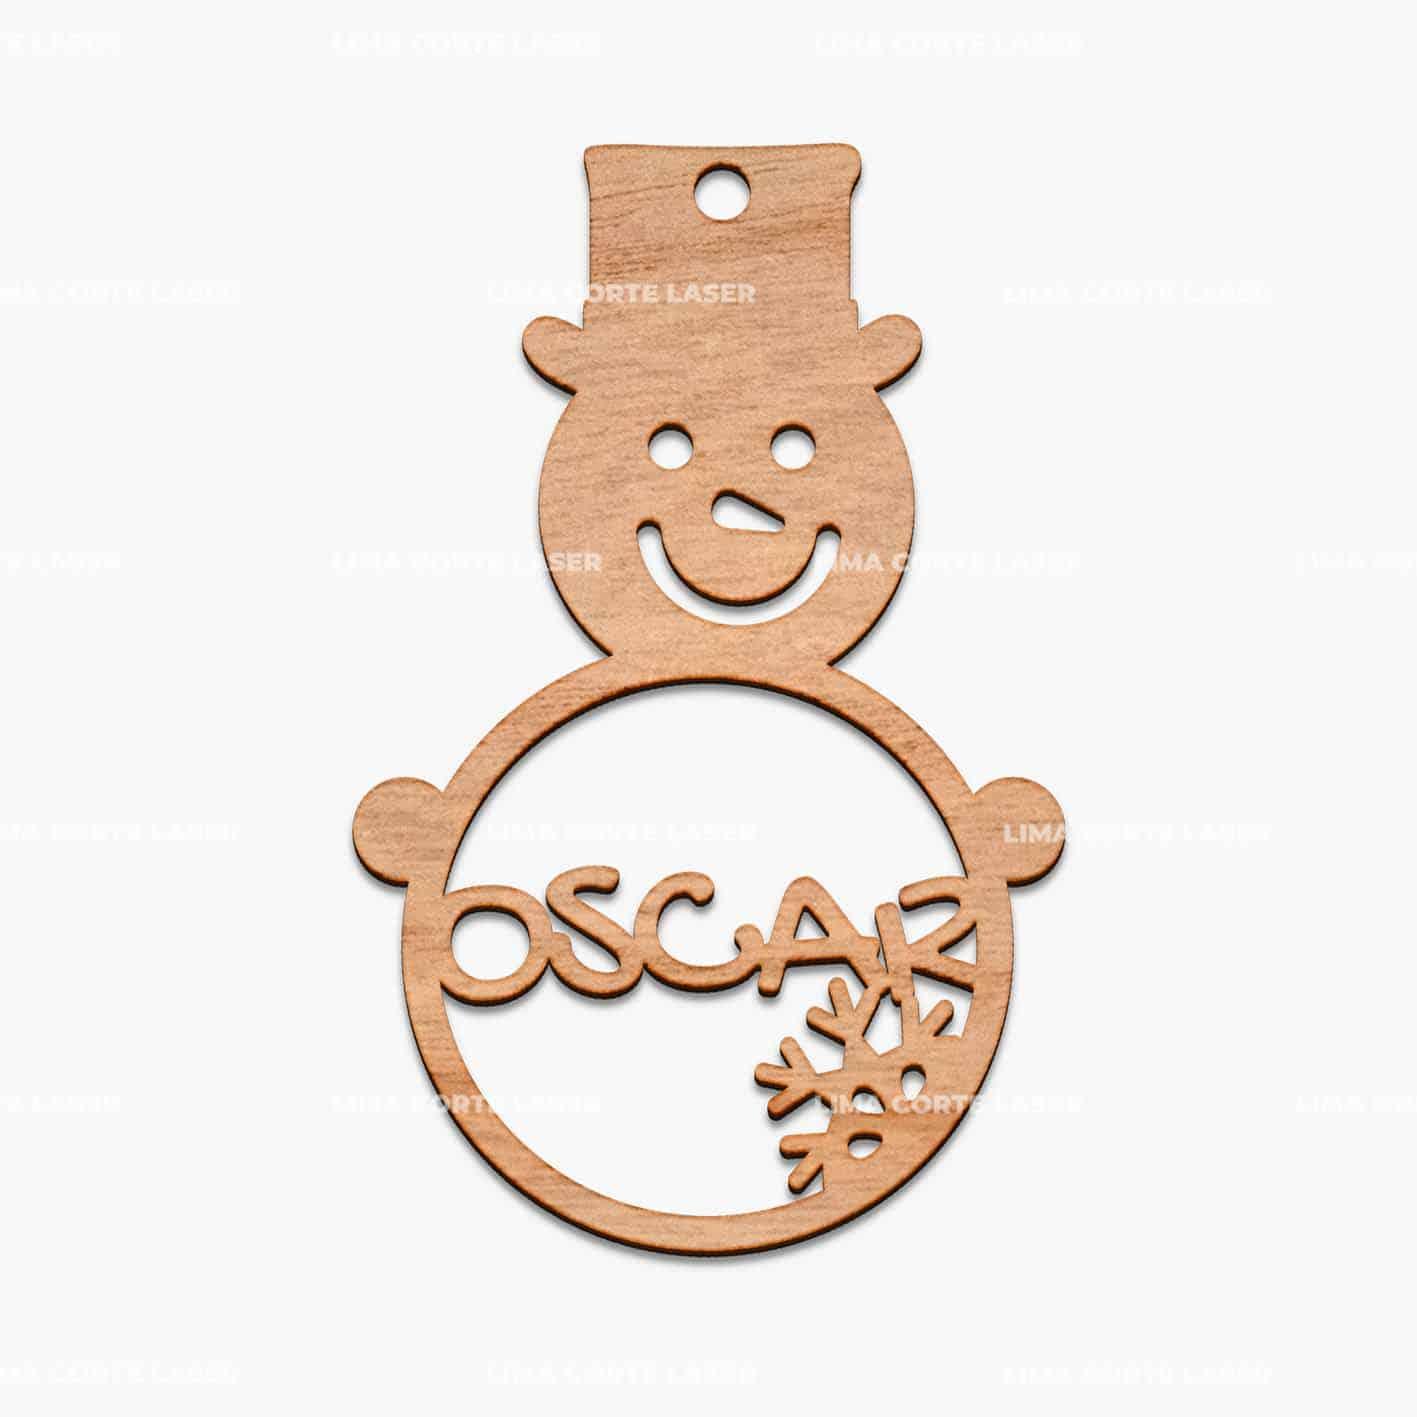 Adorno navideño personalizado con la forma de un muñeco de nieve y el nombre de Osca